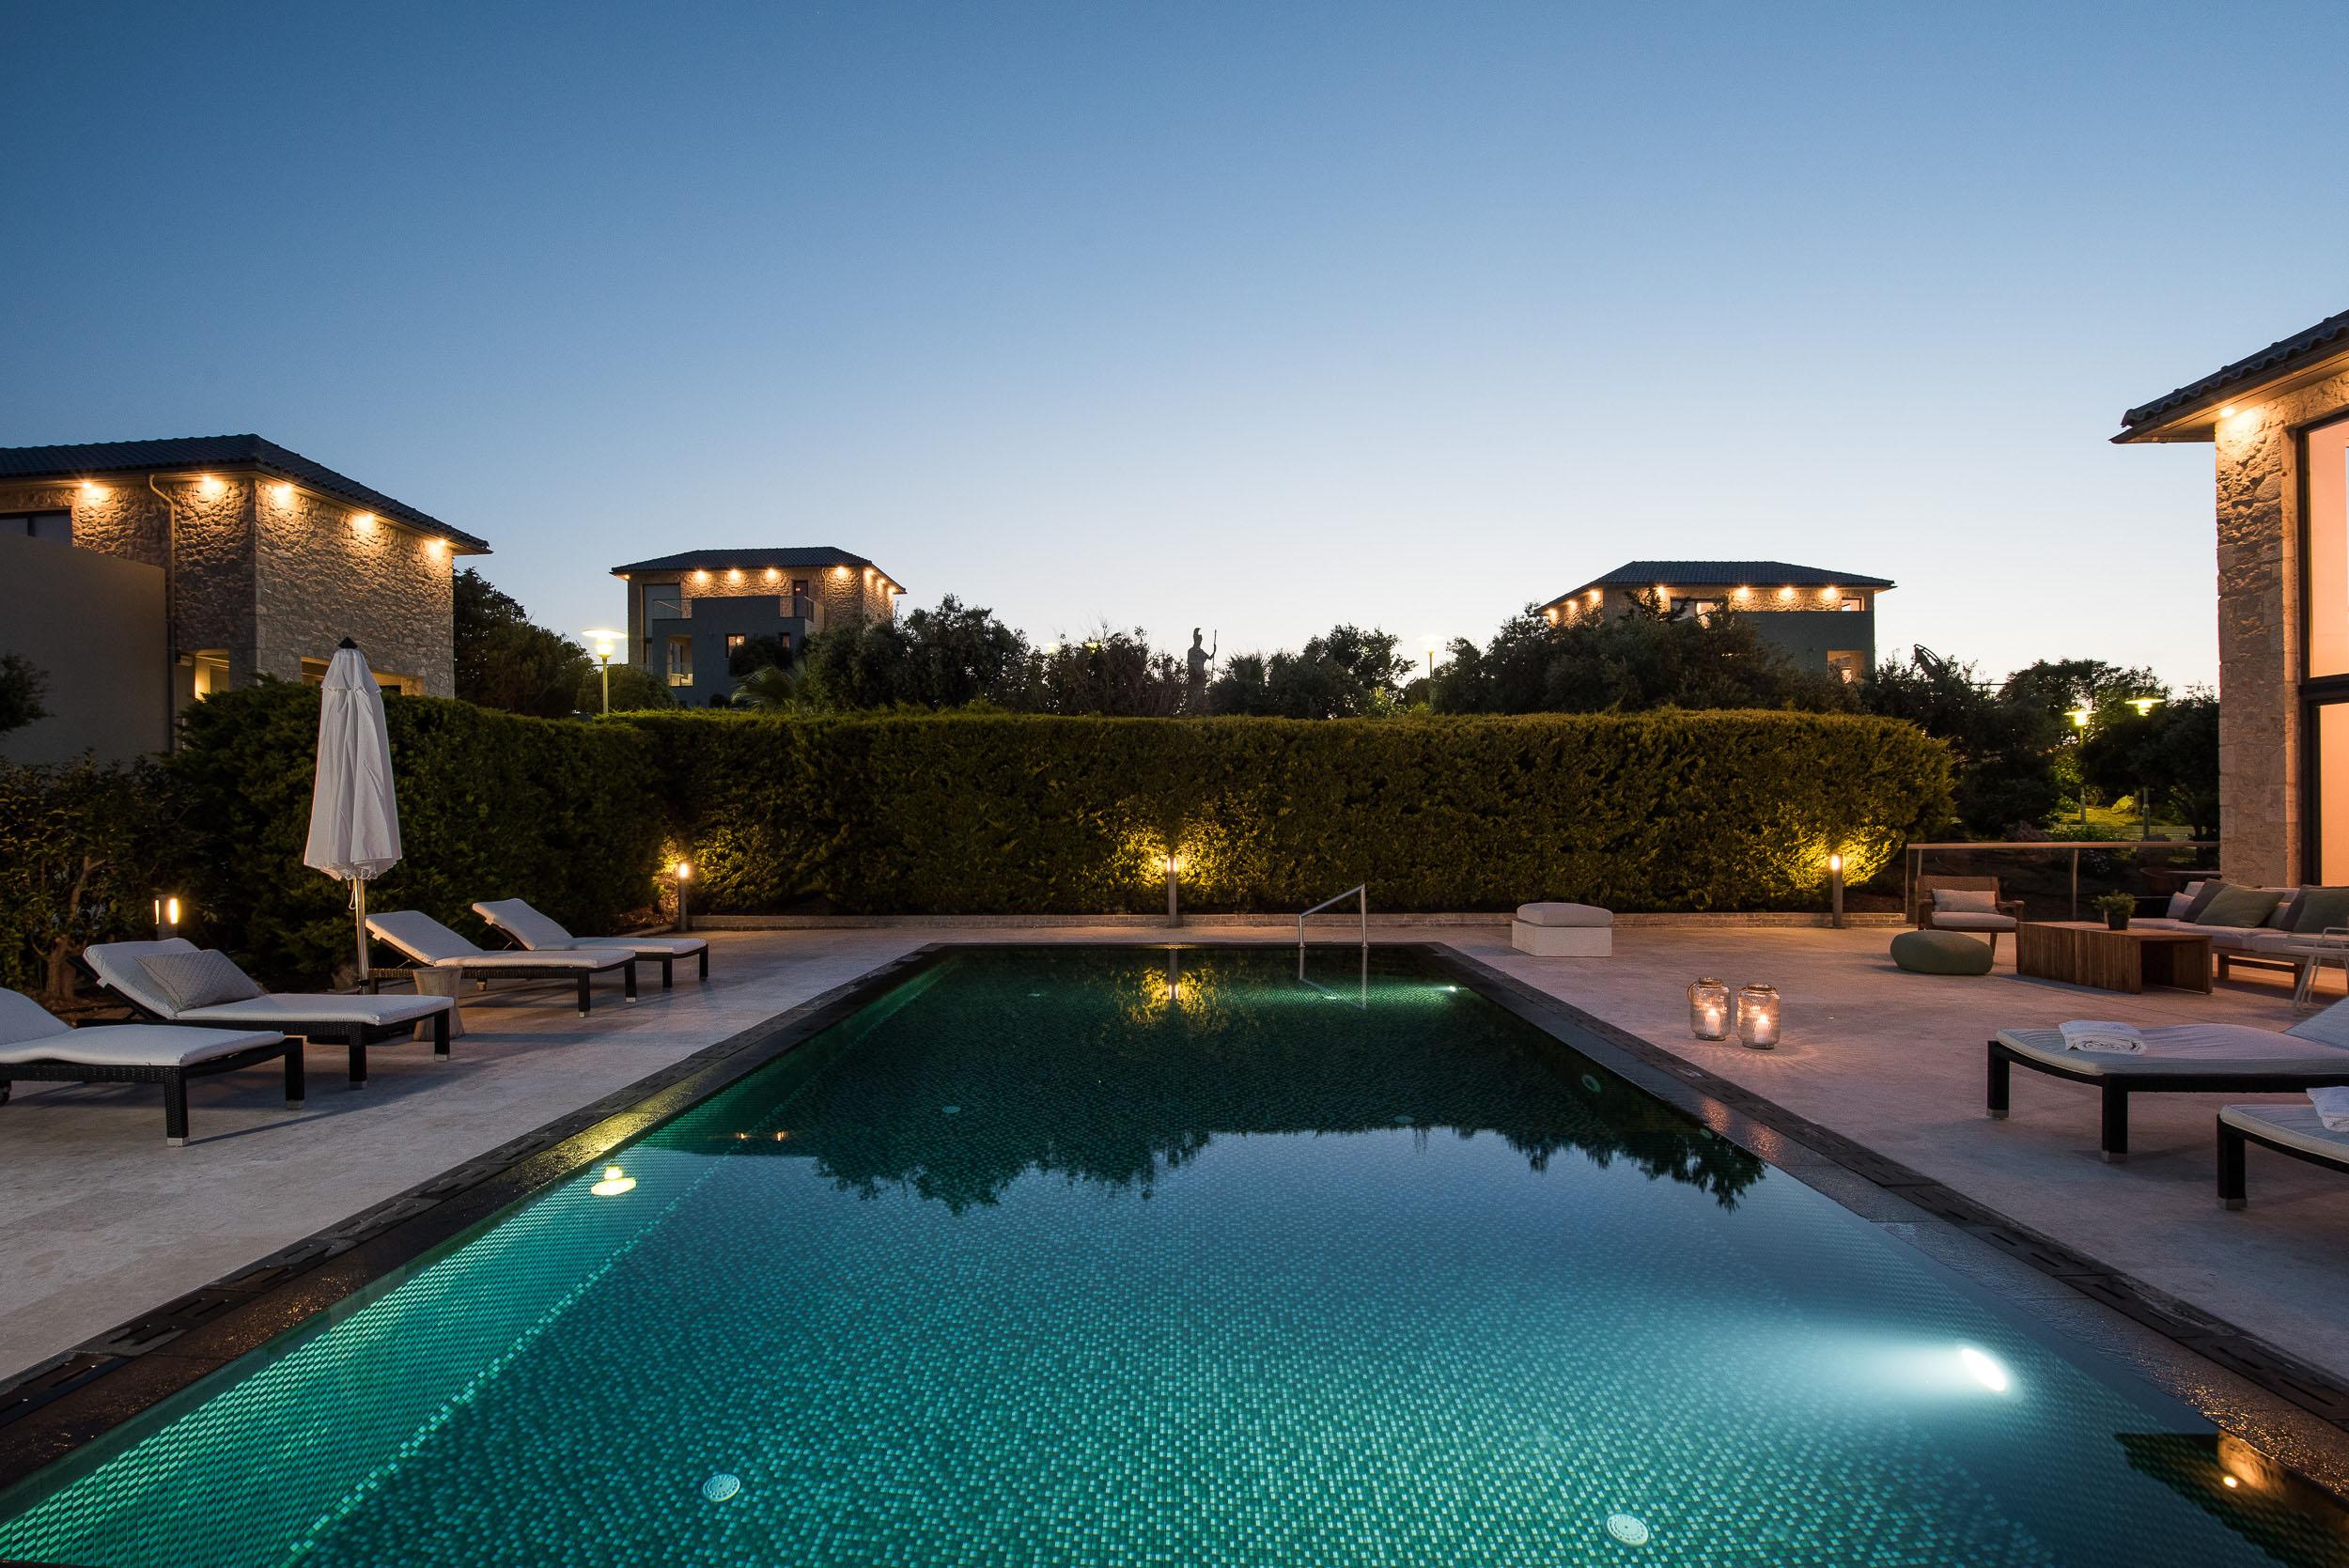 hotel for sale in crete akrotiri area pool